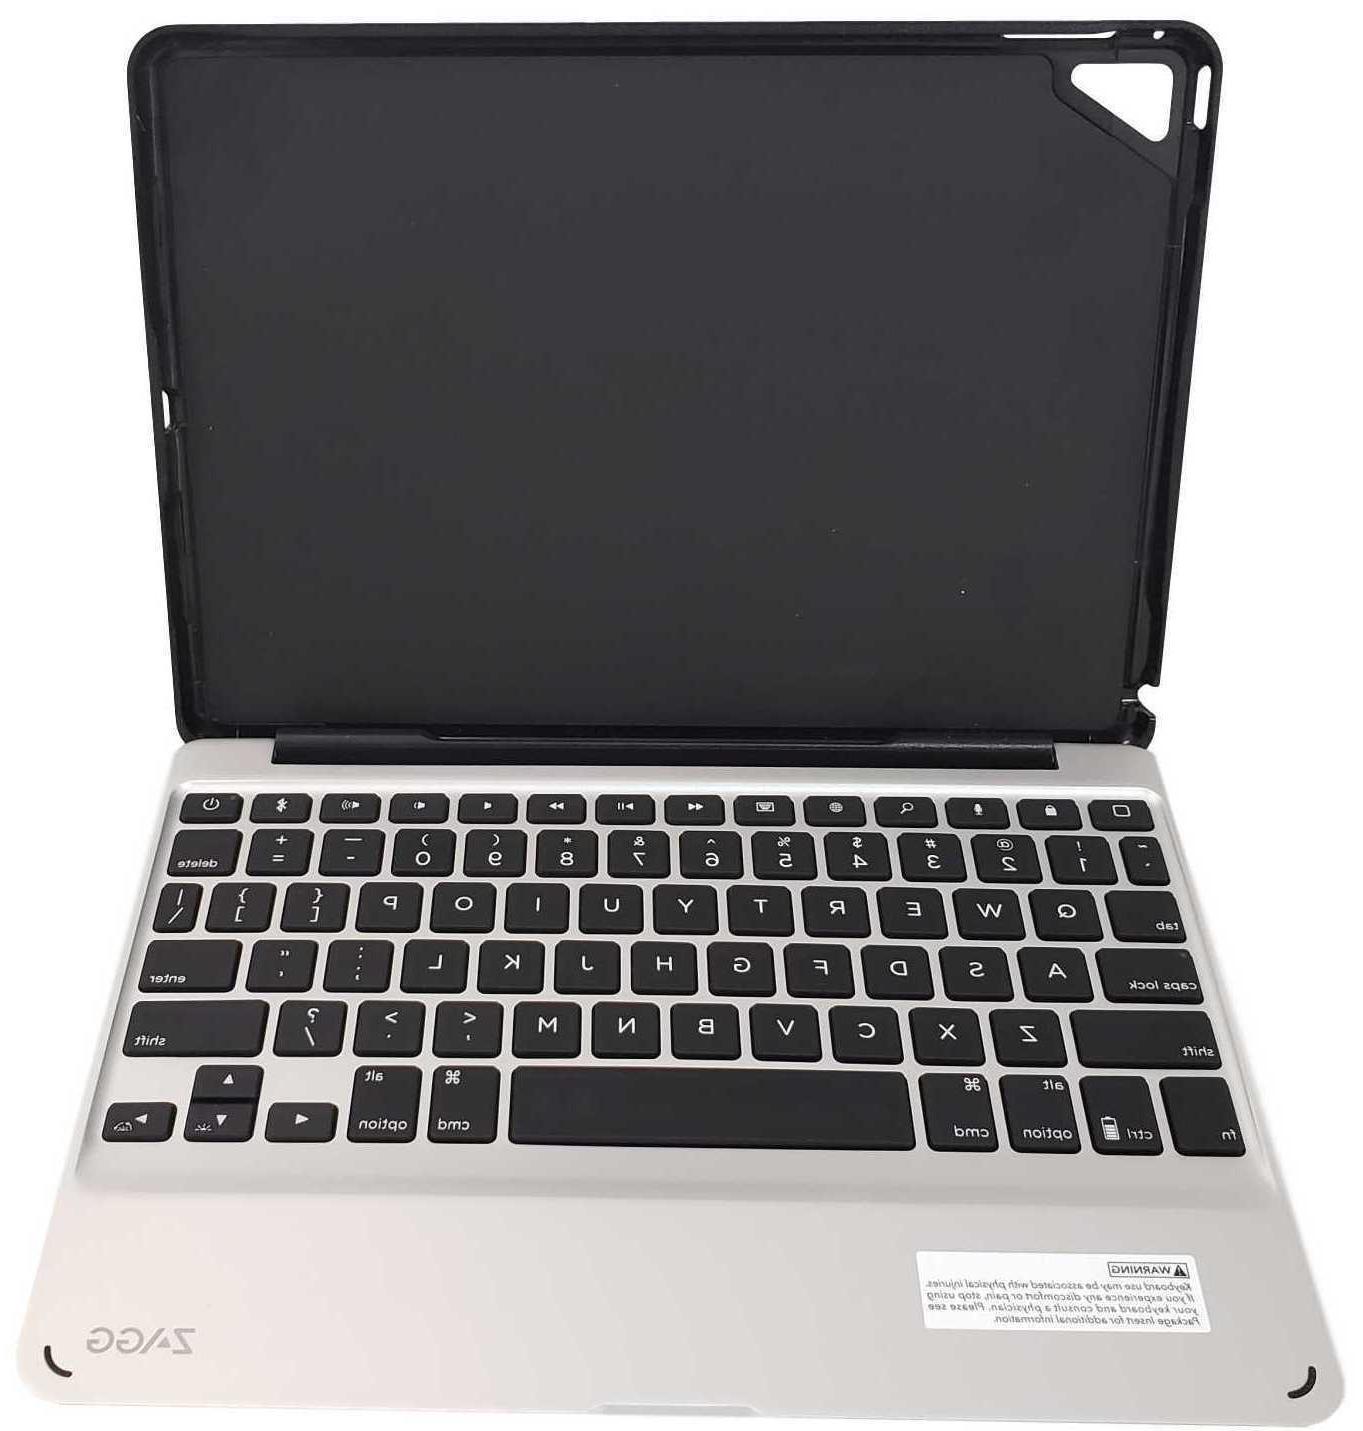 Zagg Slim Pro Keyboard New